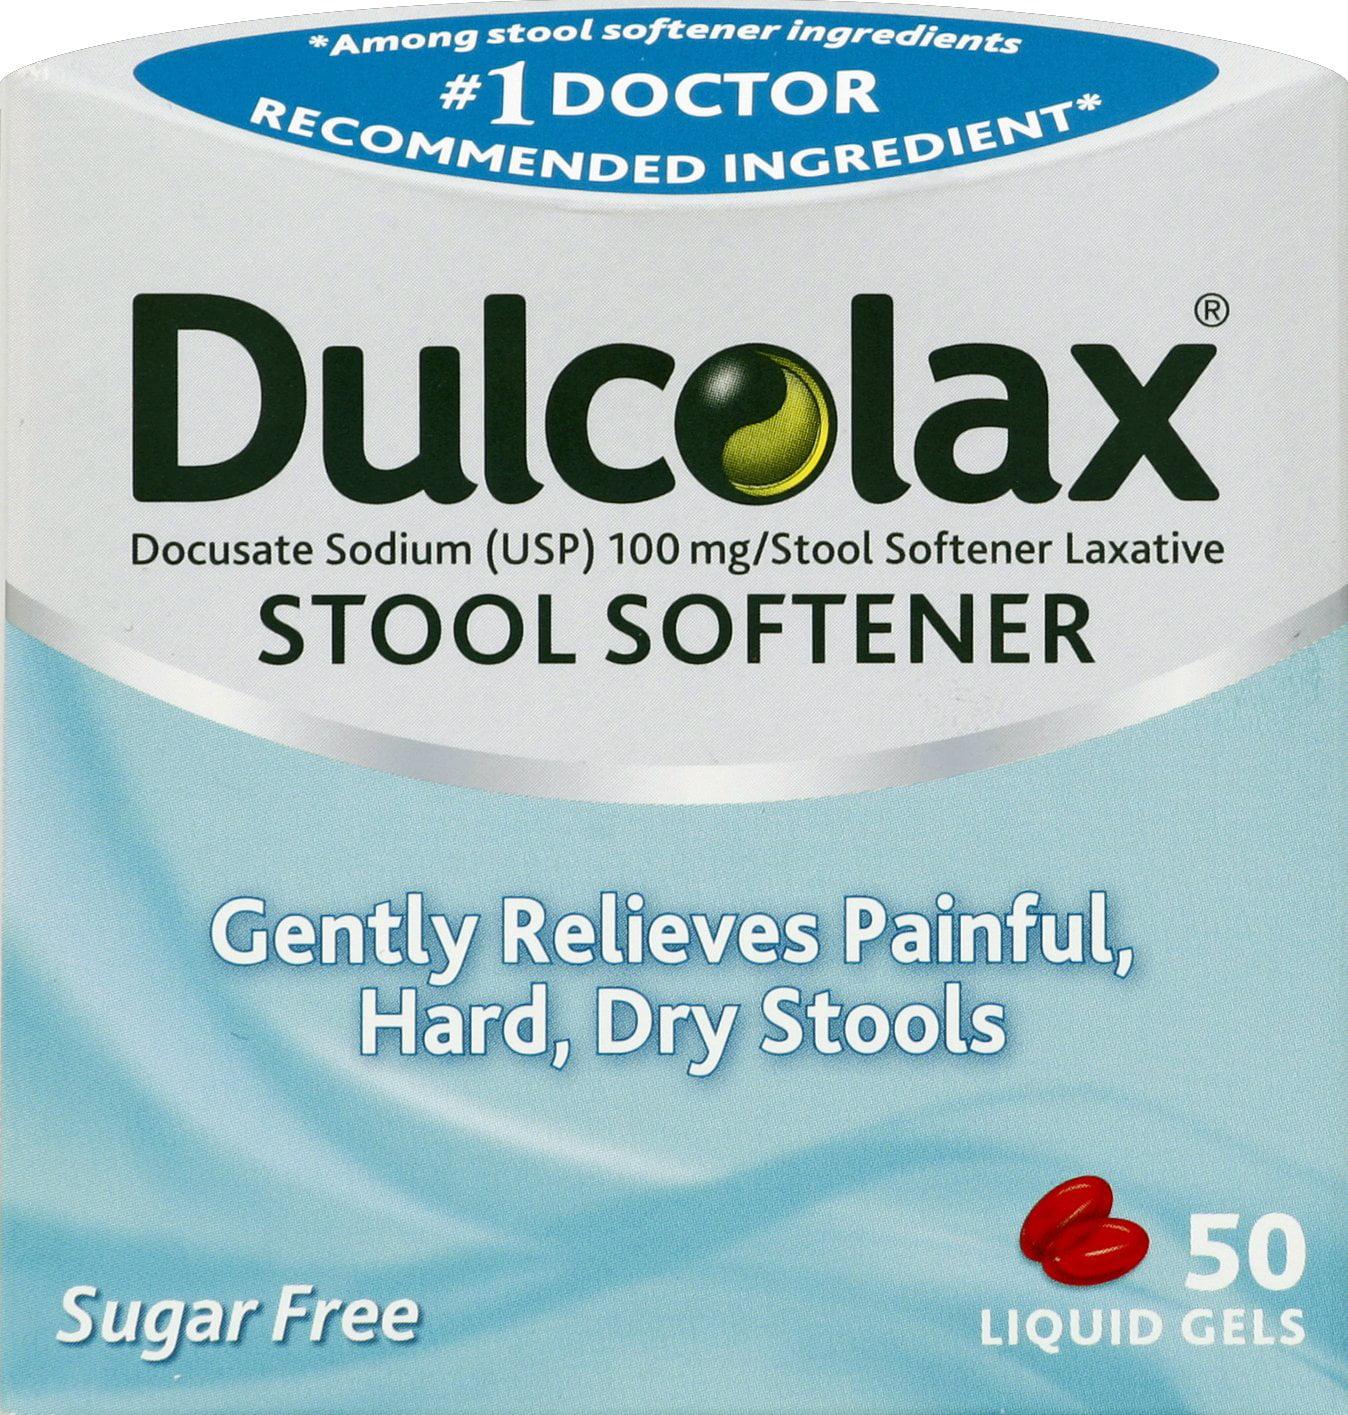 Upc 681421022033 Dulcolax Liquid Gels Stool Softener